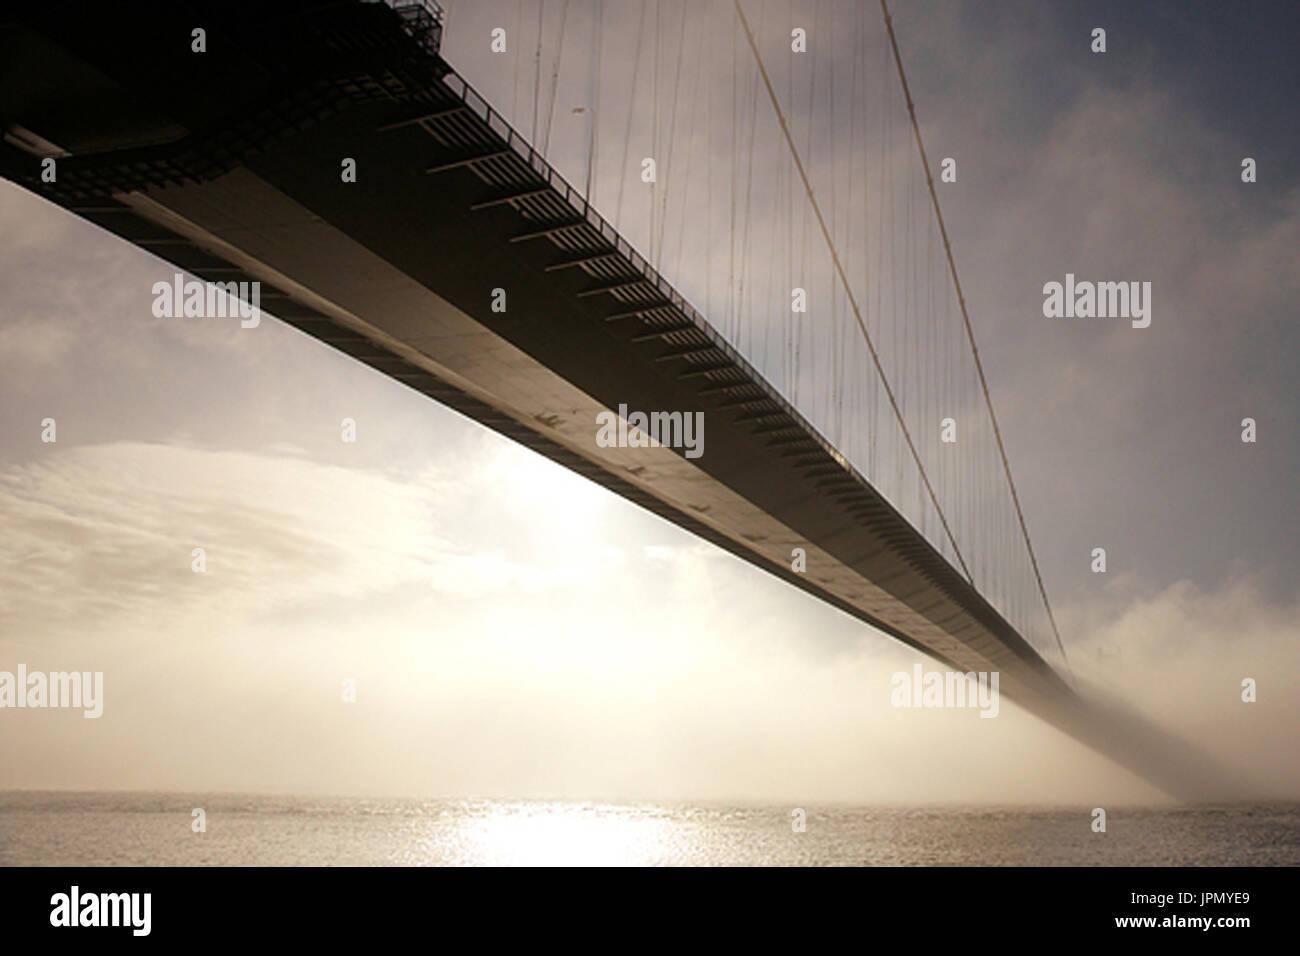 Puente Humber en niebla banco, Arte, estuario Humber Imagen De Stock